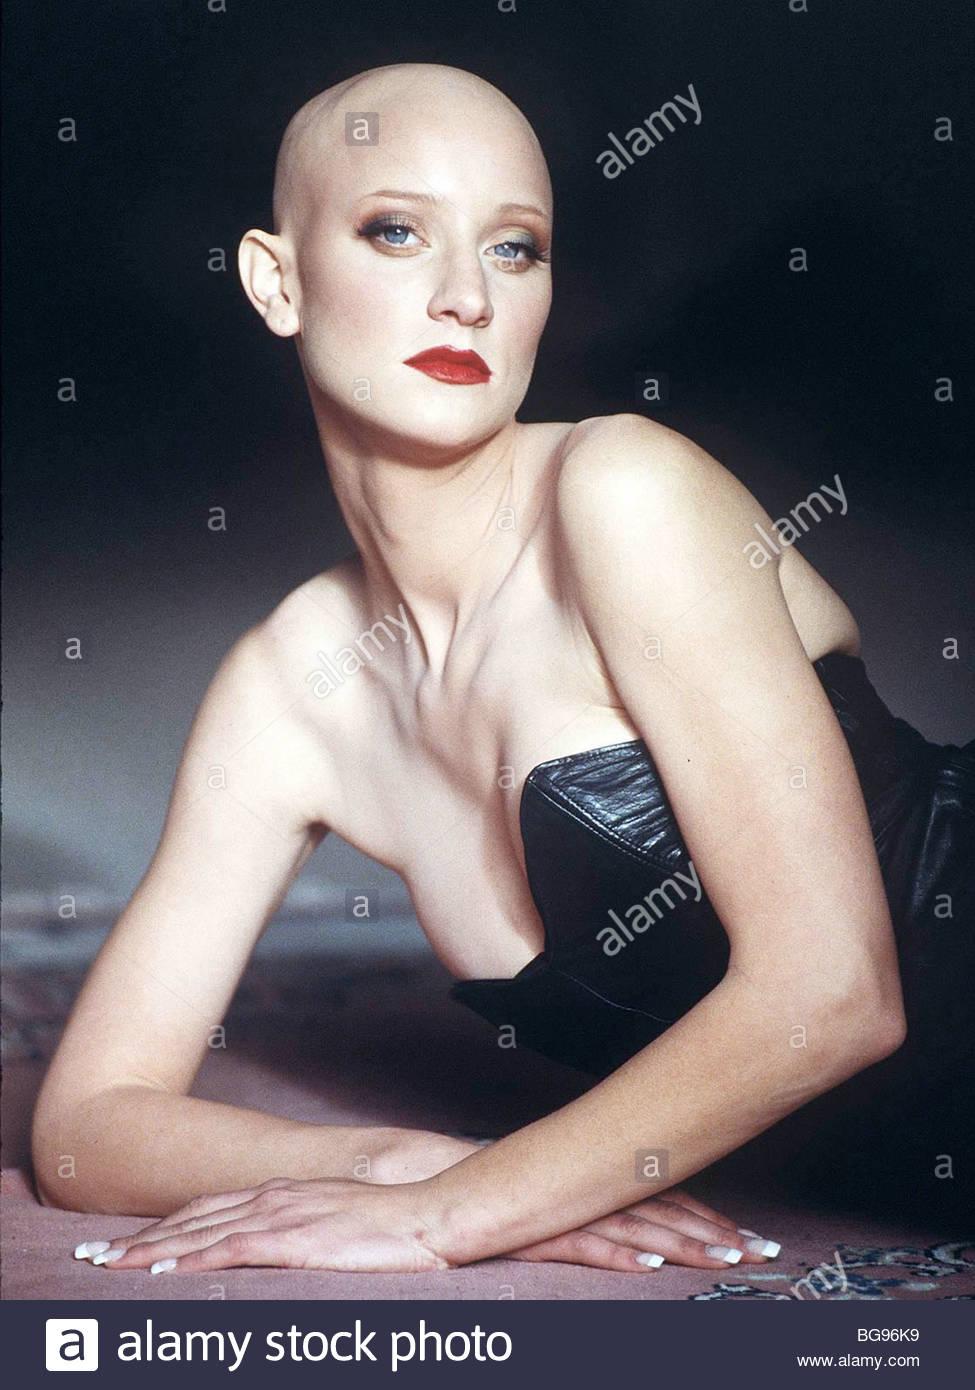 Kristen Fick weibliche haarlosen Glatze Modell Frau junge